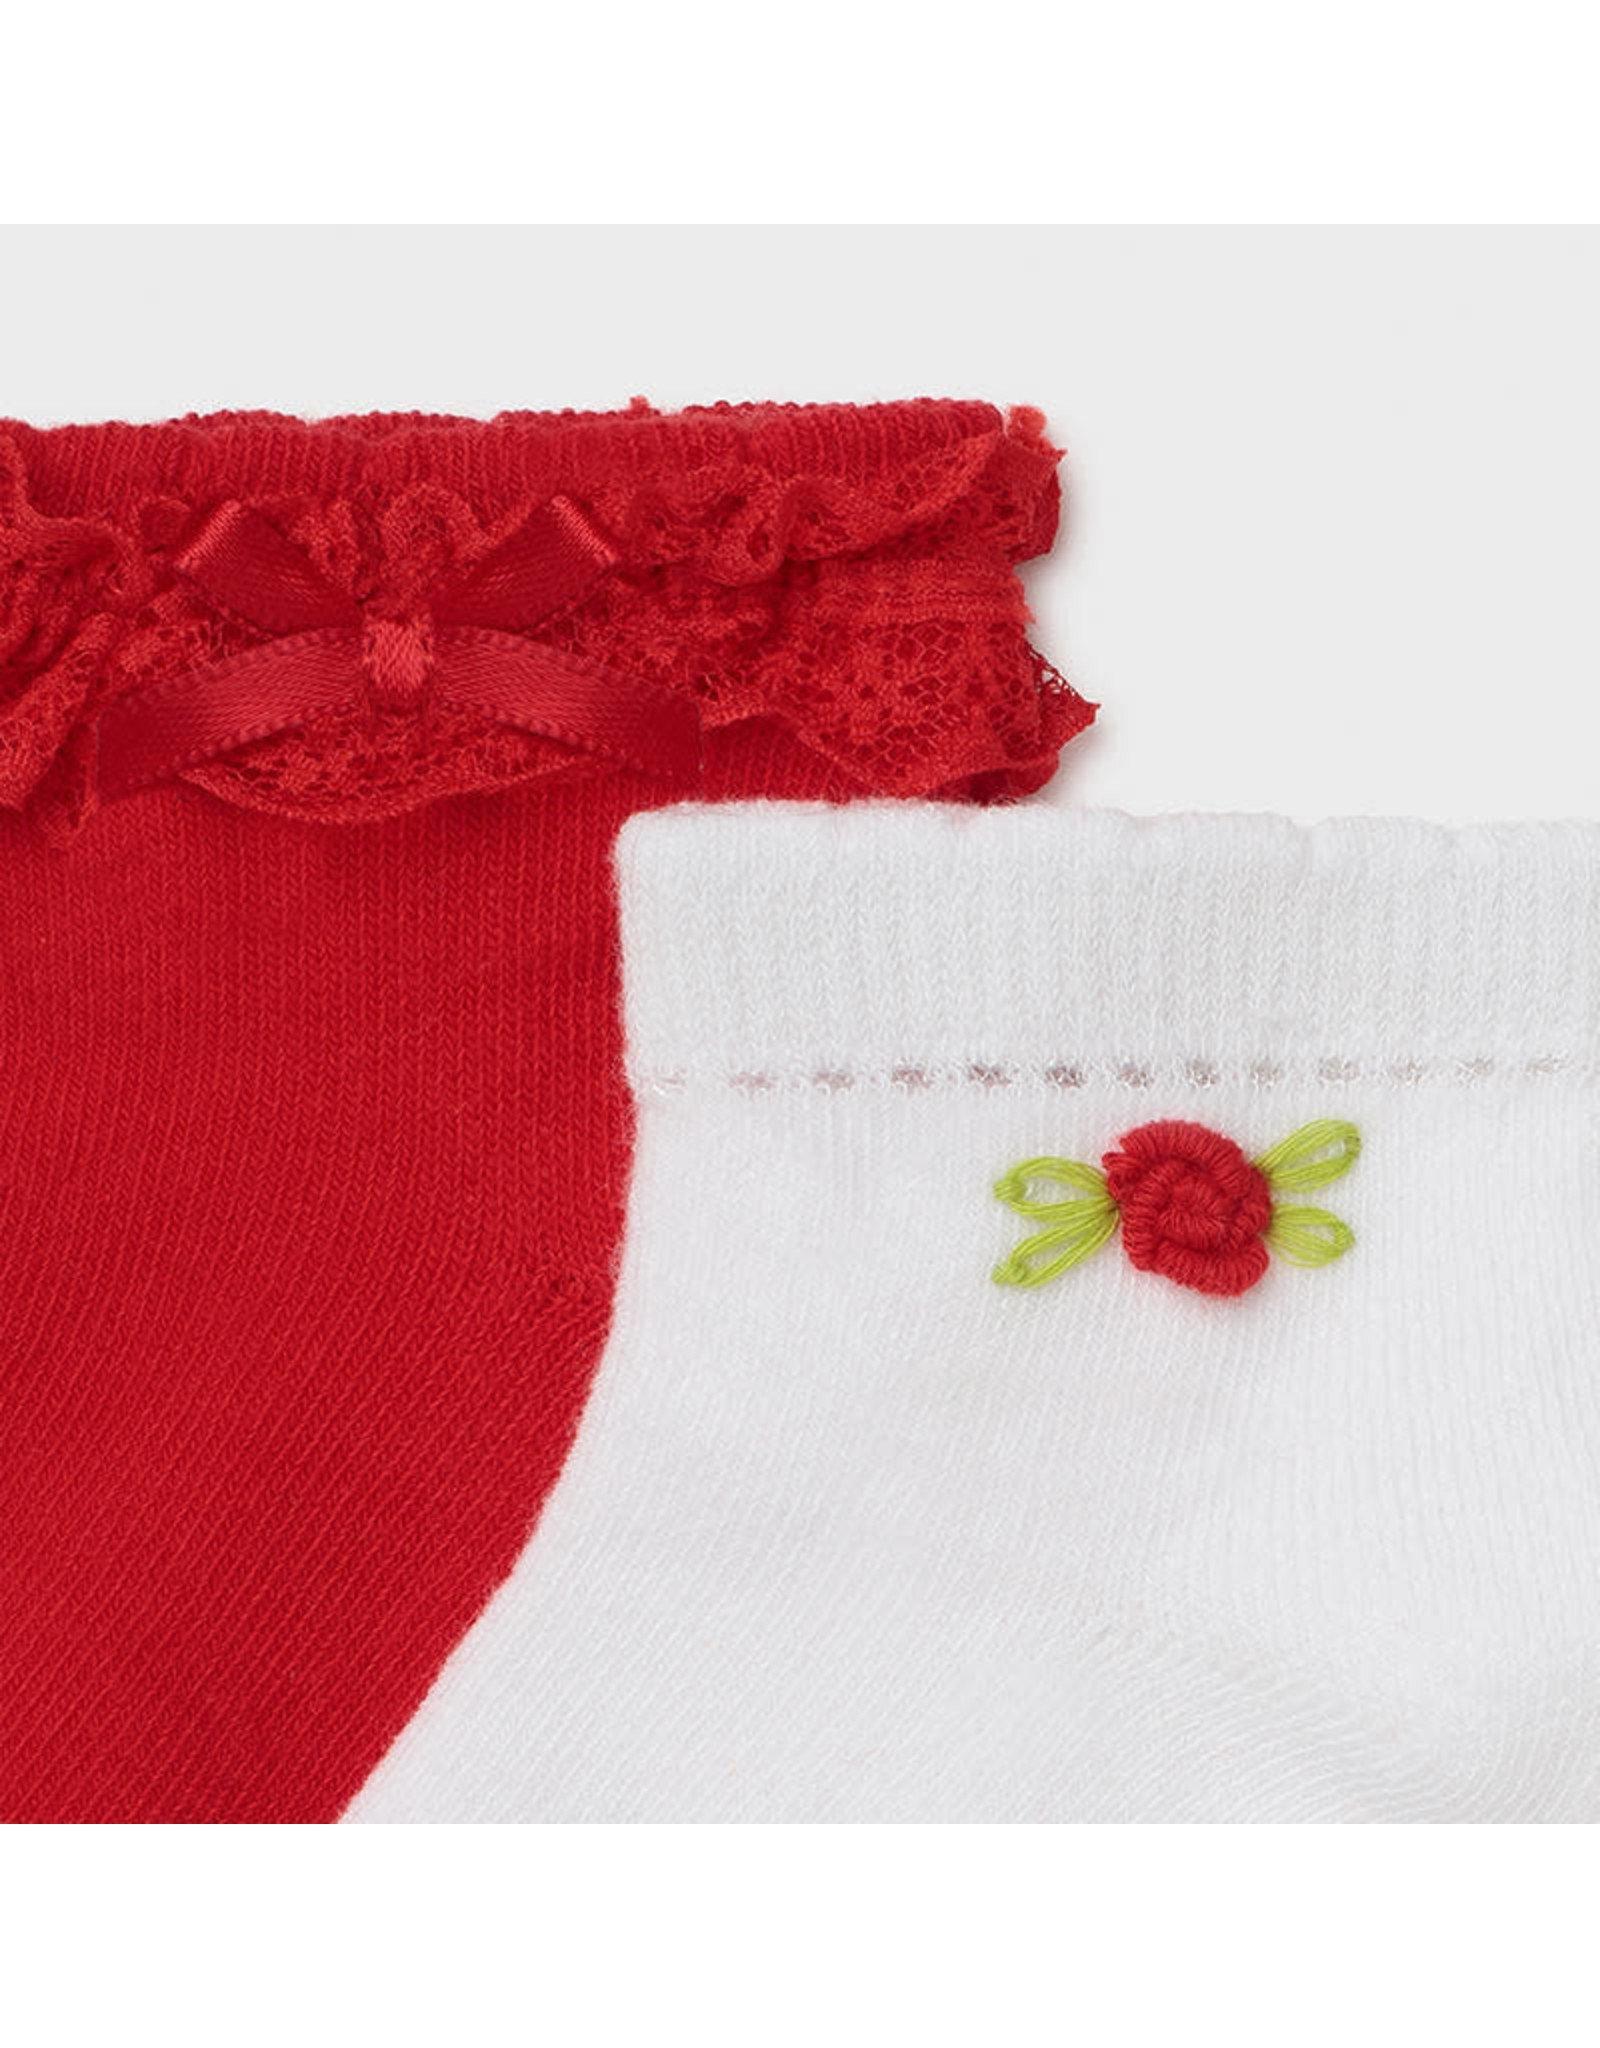 Mayoral 2 Socks Set - Poppy